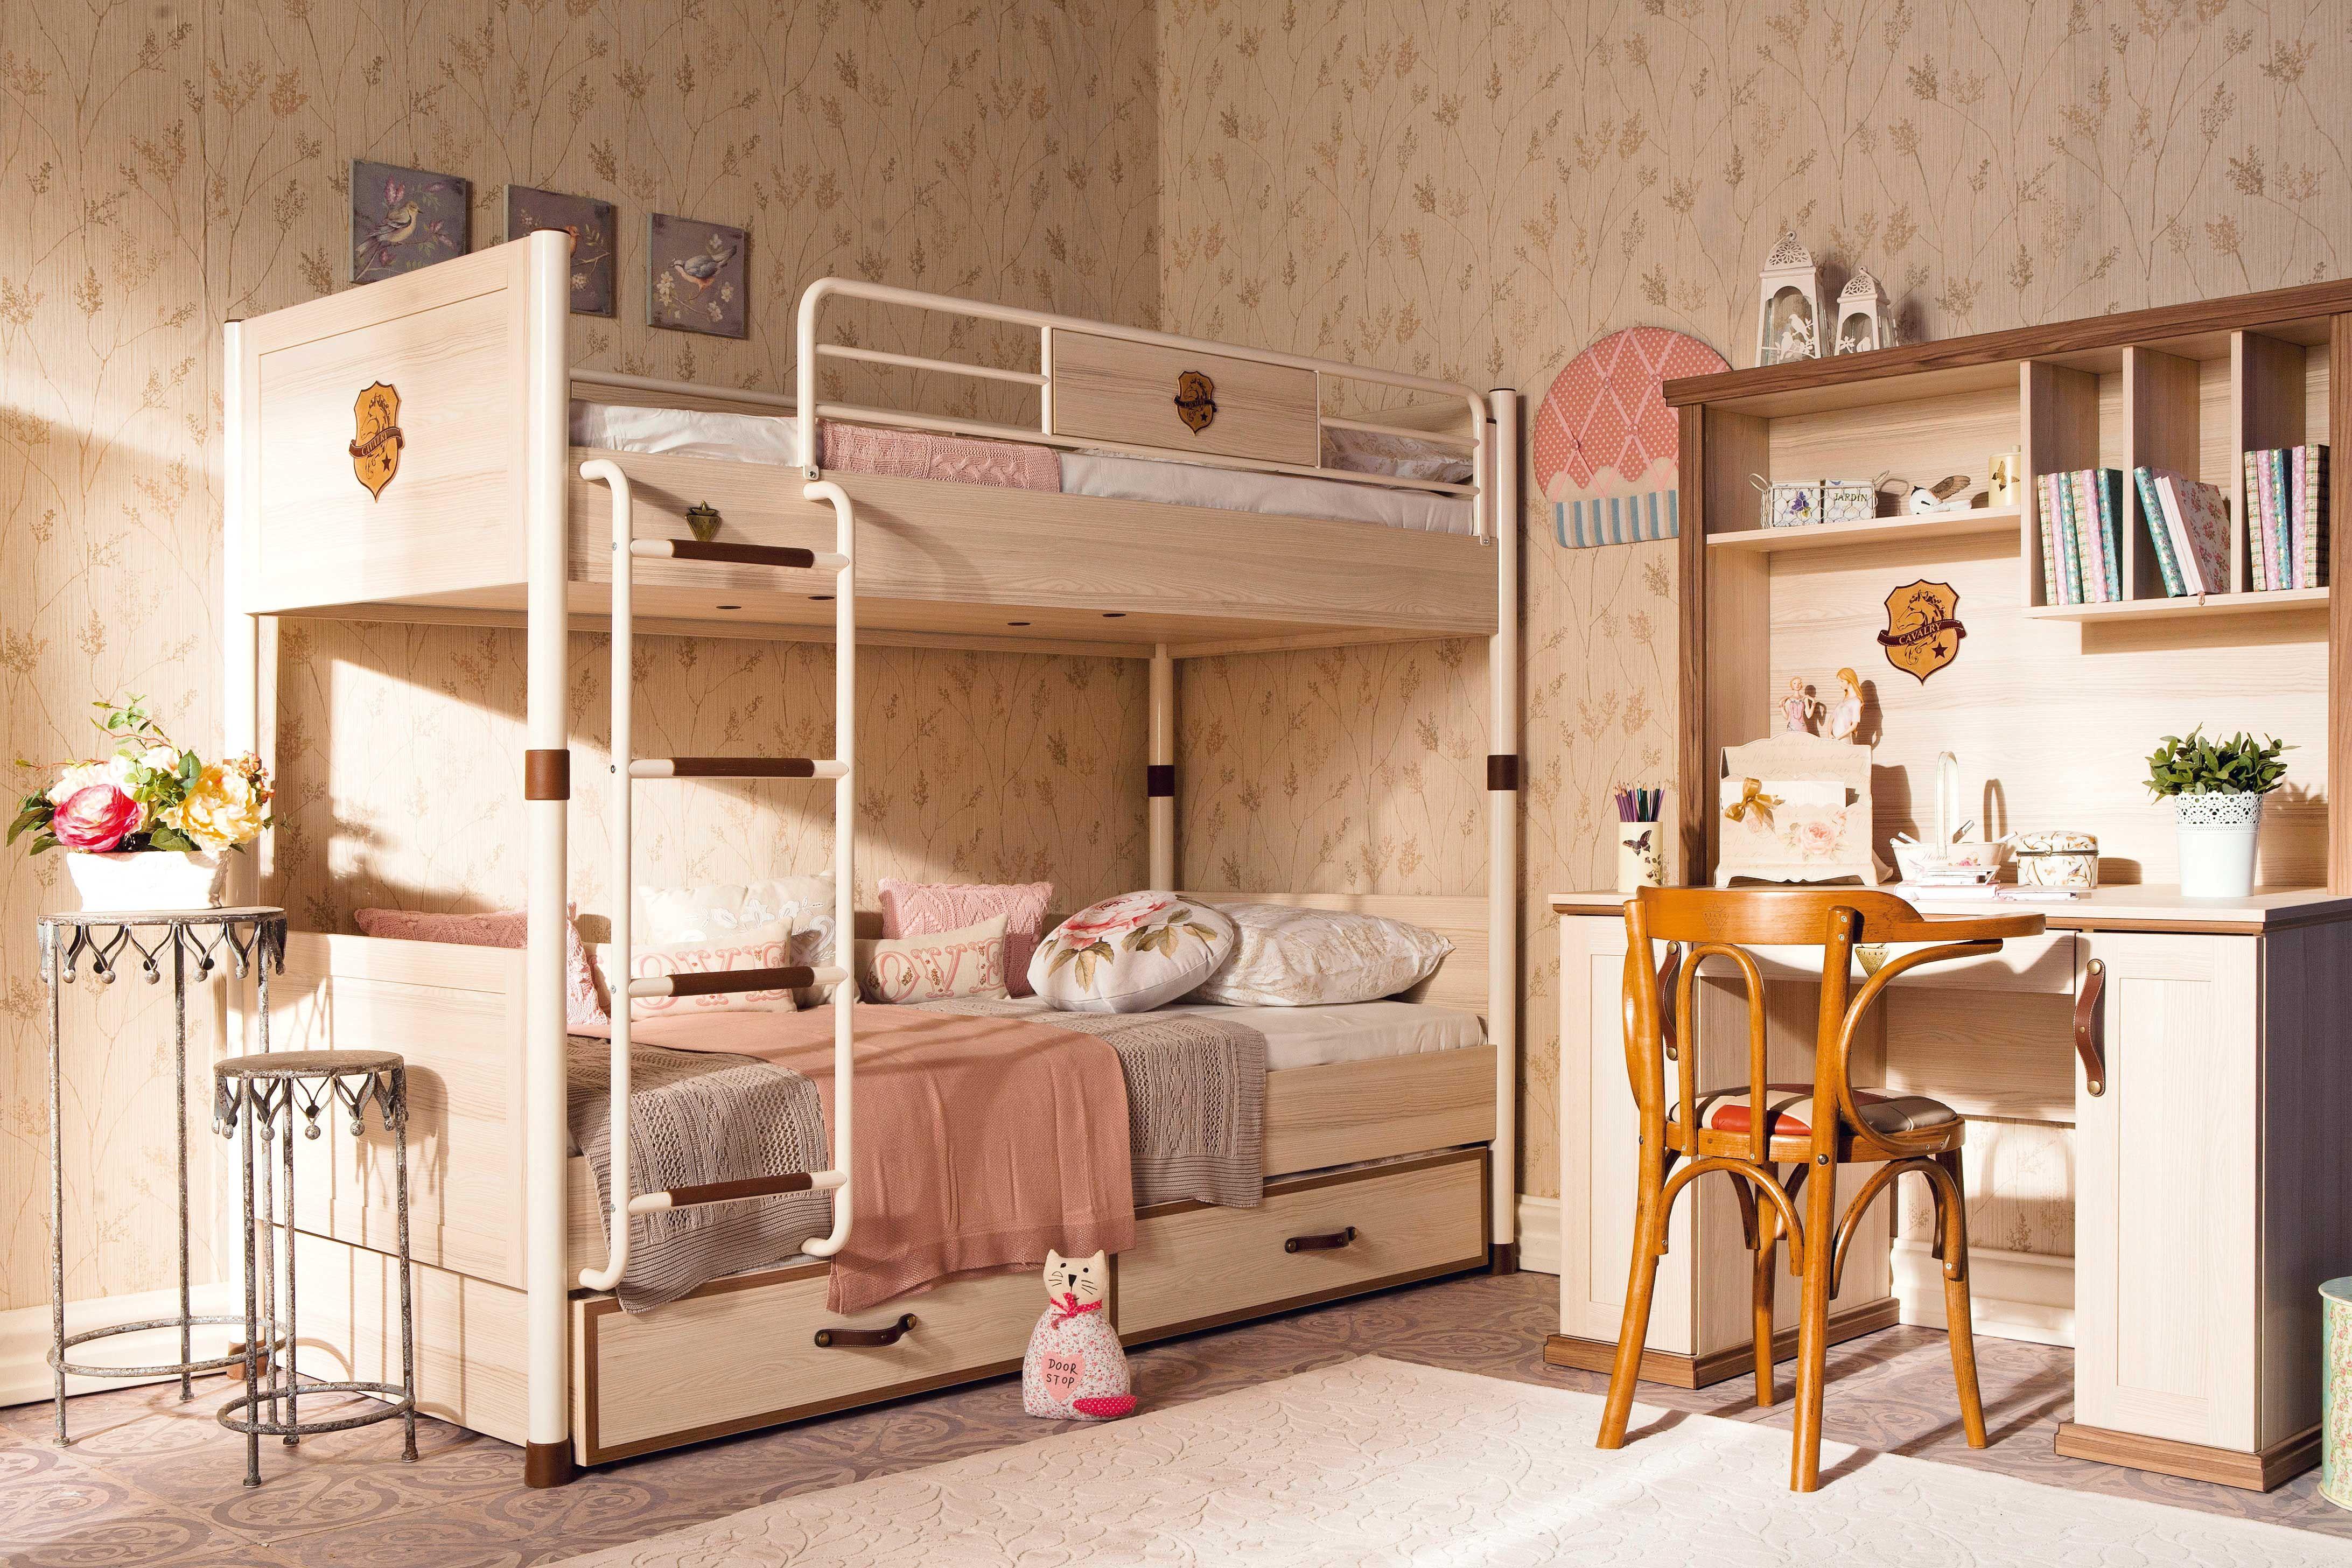 Etagenbett Mit Ausziehbett : Cilek royal etagenbett 90x200 cm möbel kinderzimmer amilando